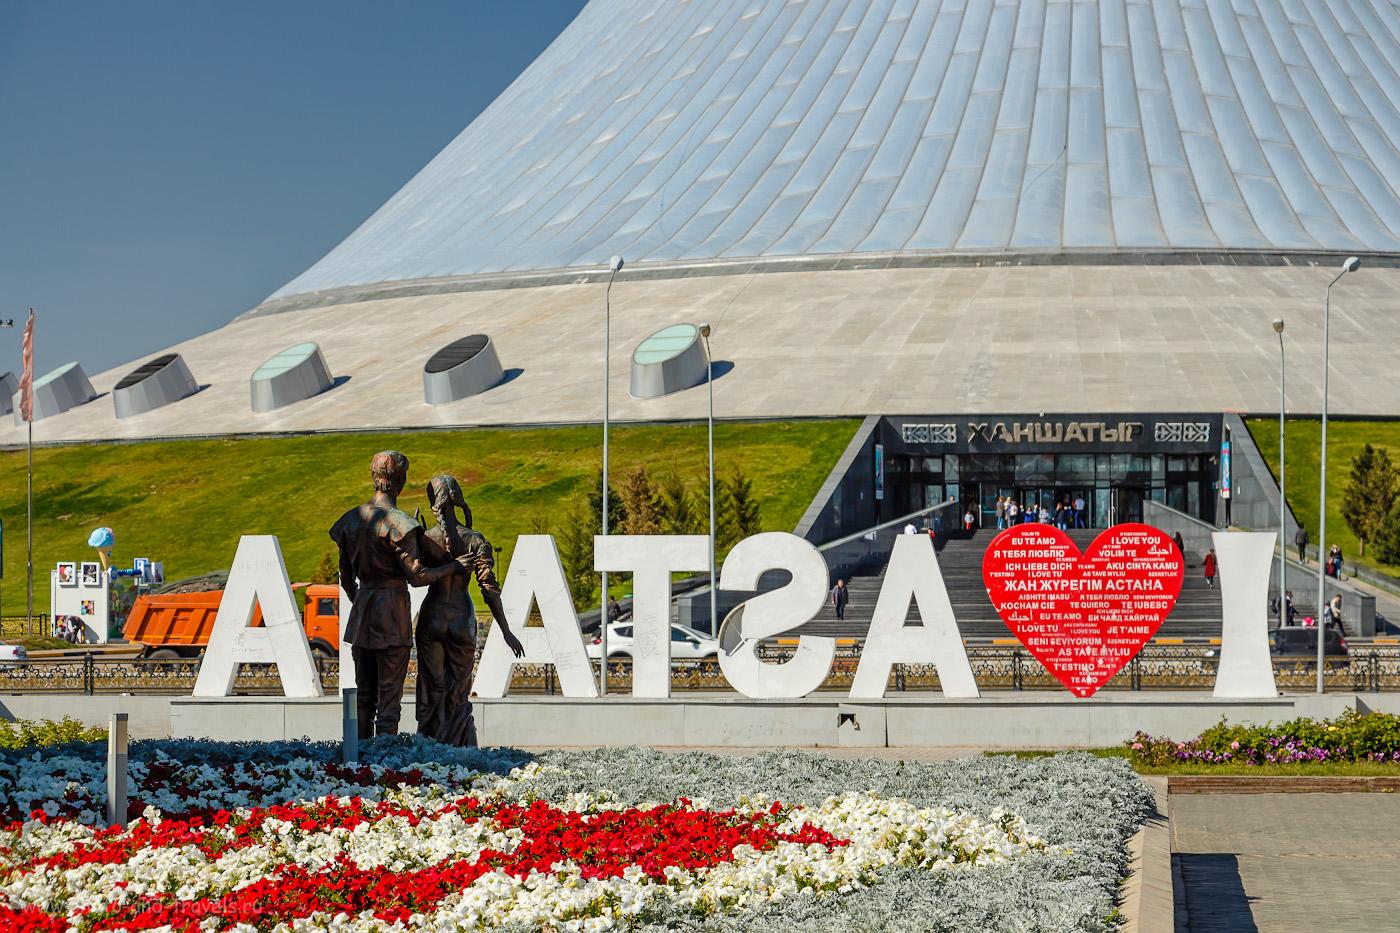 Снимок 13. Скульптура «Влюблённые» в Парке Любви в Астане. Отзывы туристов о самостоятельных экскурсиях по столице Казахстана. 1/200, +0.3, 8, 100, 78.